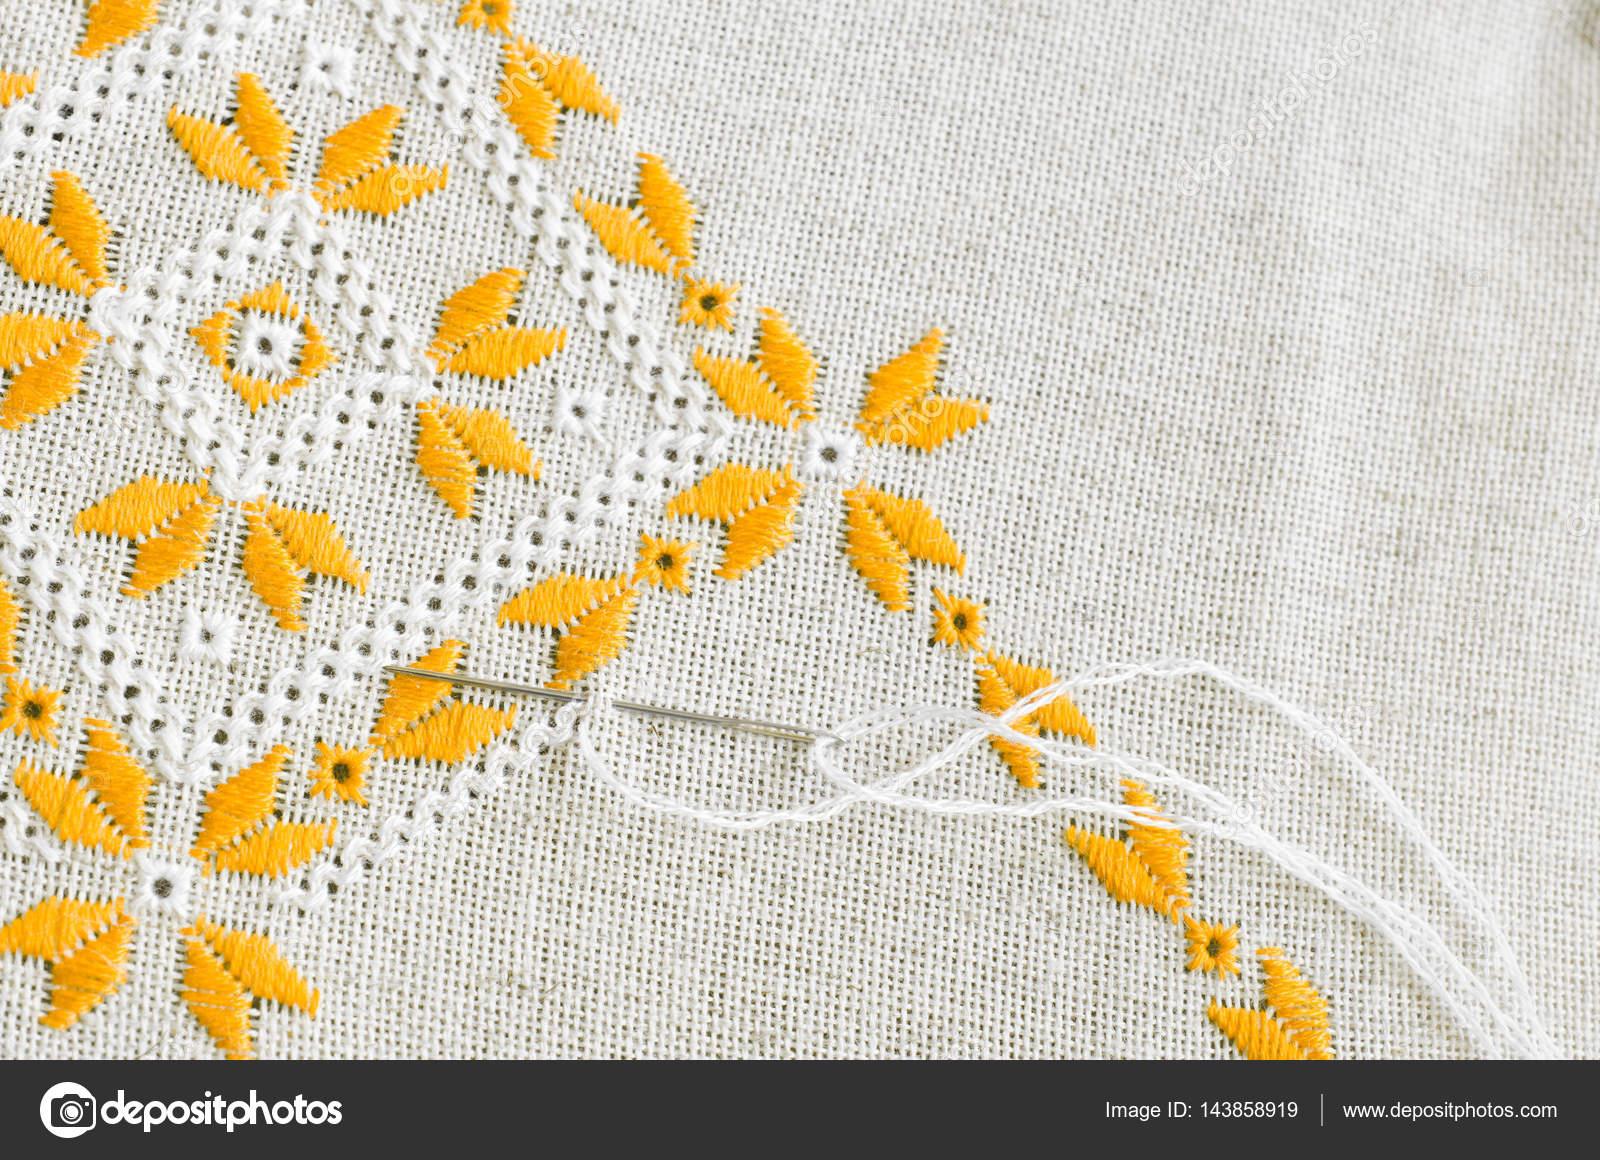 Bordado a mano en lino. Bordado artesanal — Foto de stock ...